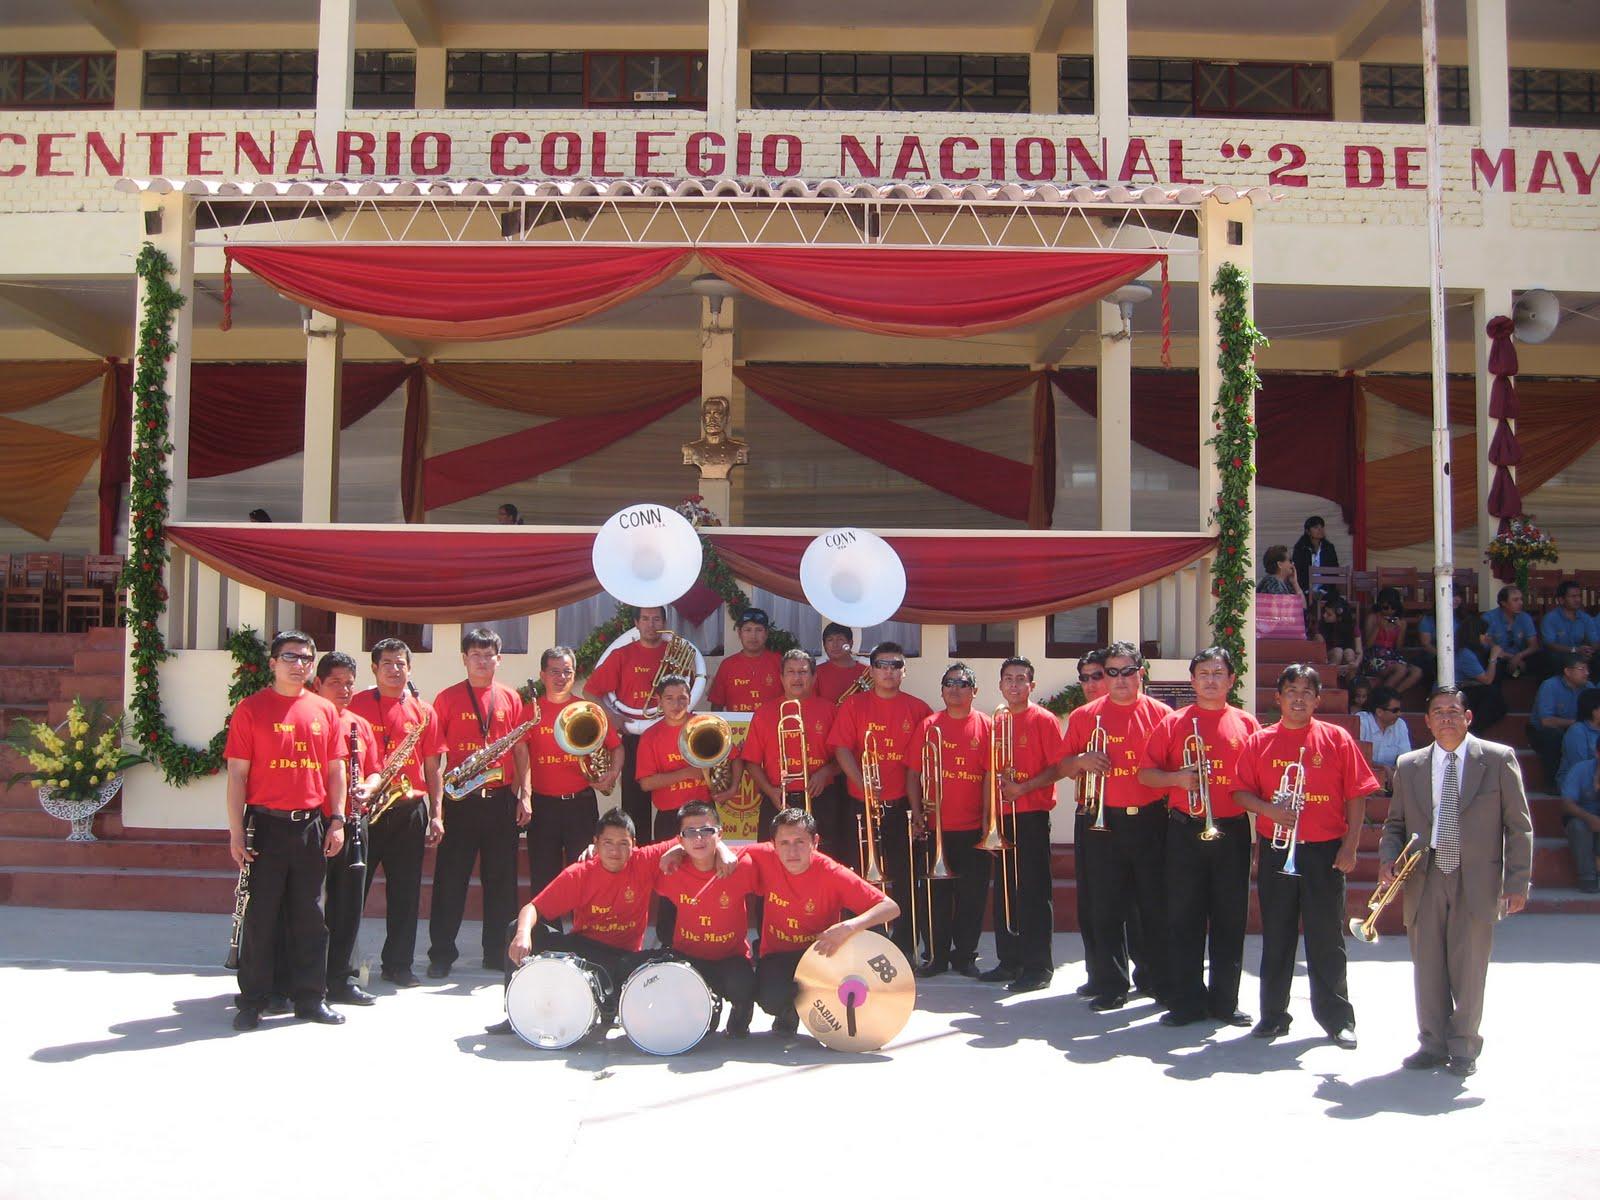 HUBO PERFICIO ECONOMICO EN LA CONSTRUCCION DEL COLEGIO 2 DE MAYO DE CARAZ